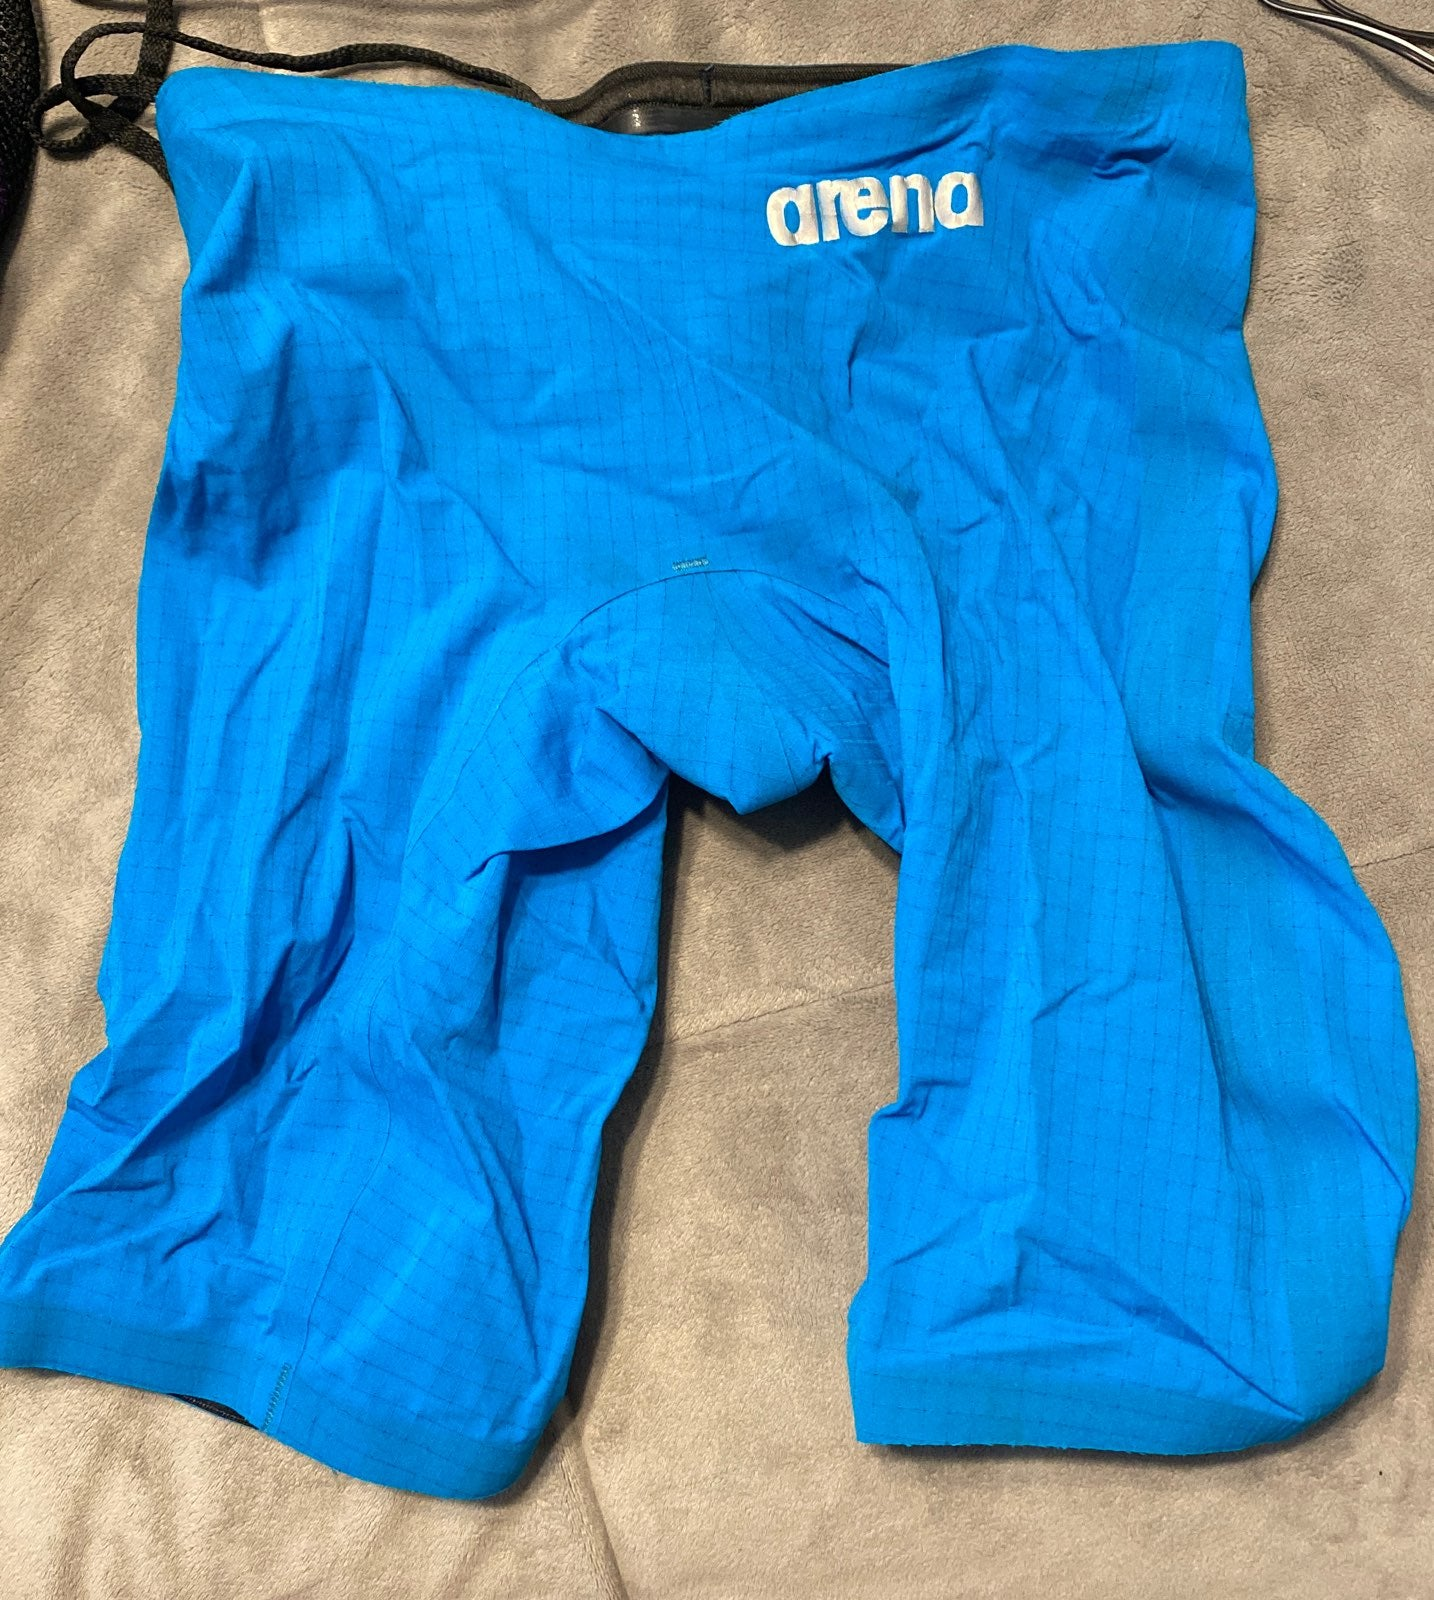 Arena Swim Suit